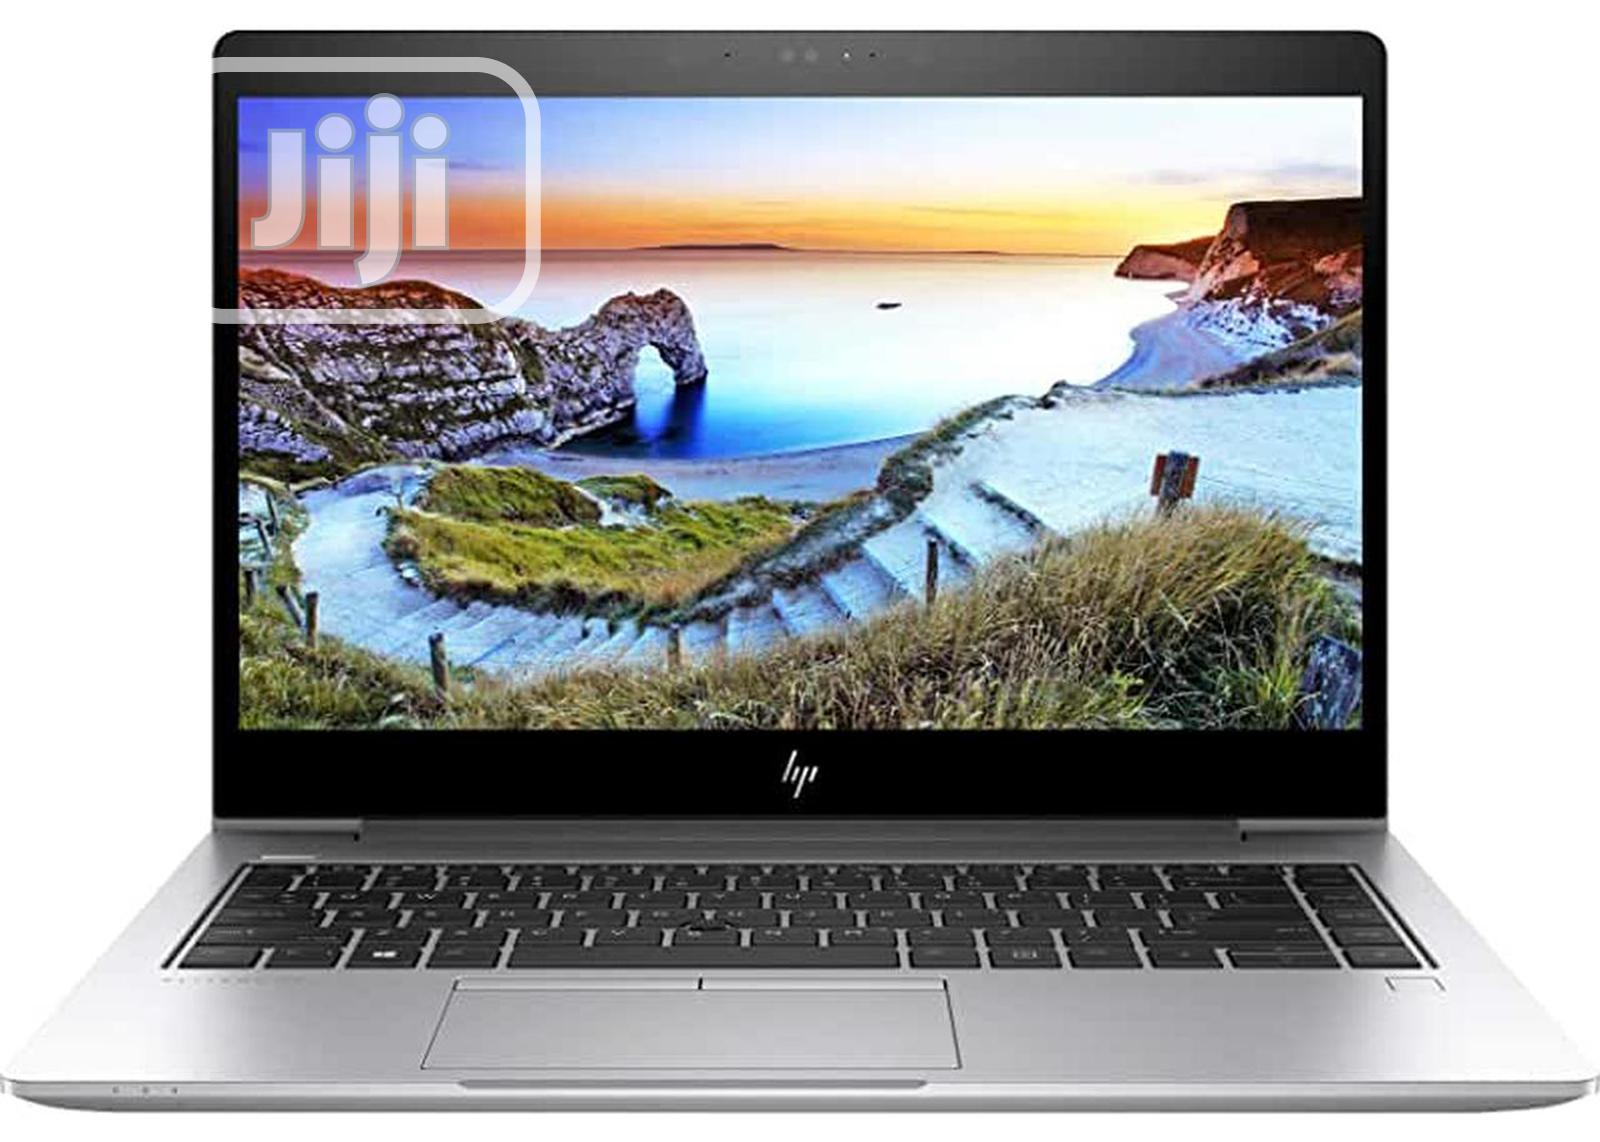 New Laptop HP EliteBook 840 G6 8GB Intel Core I7 SSD 256GB